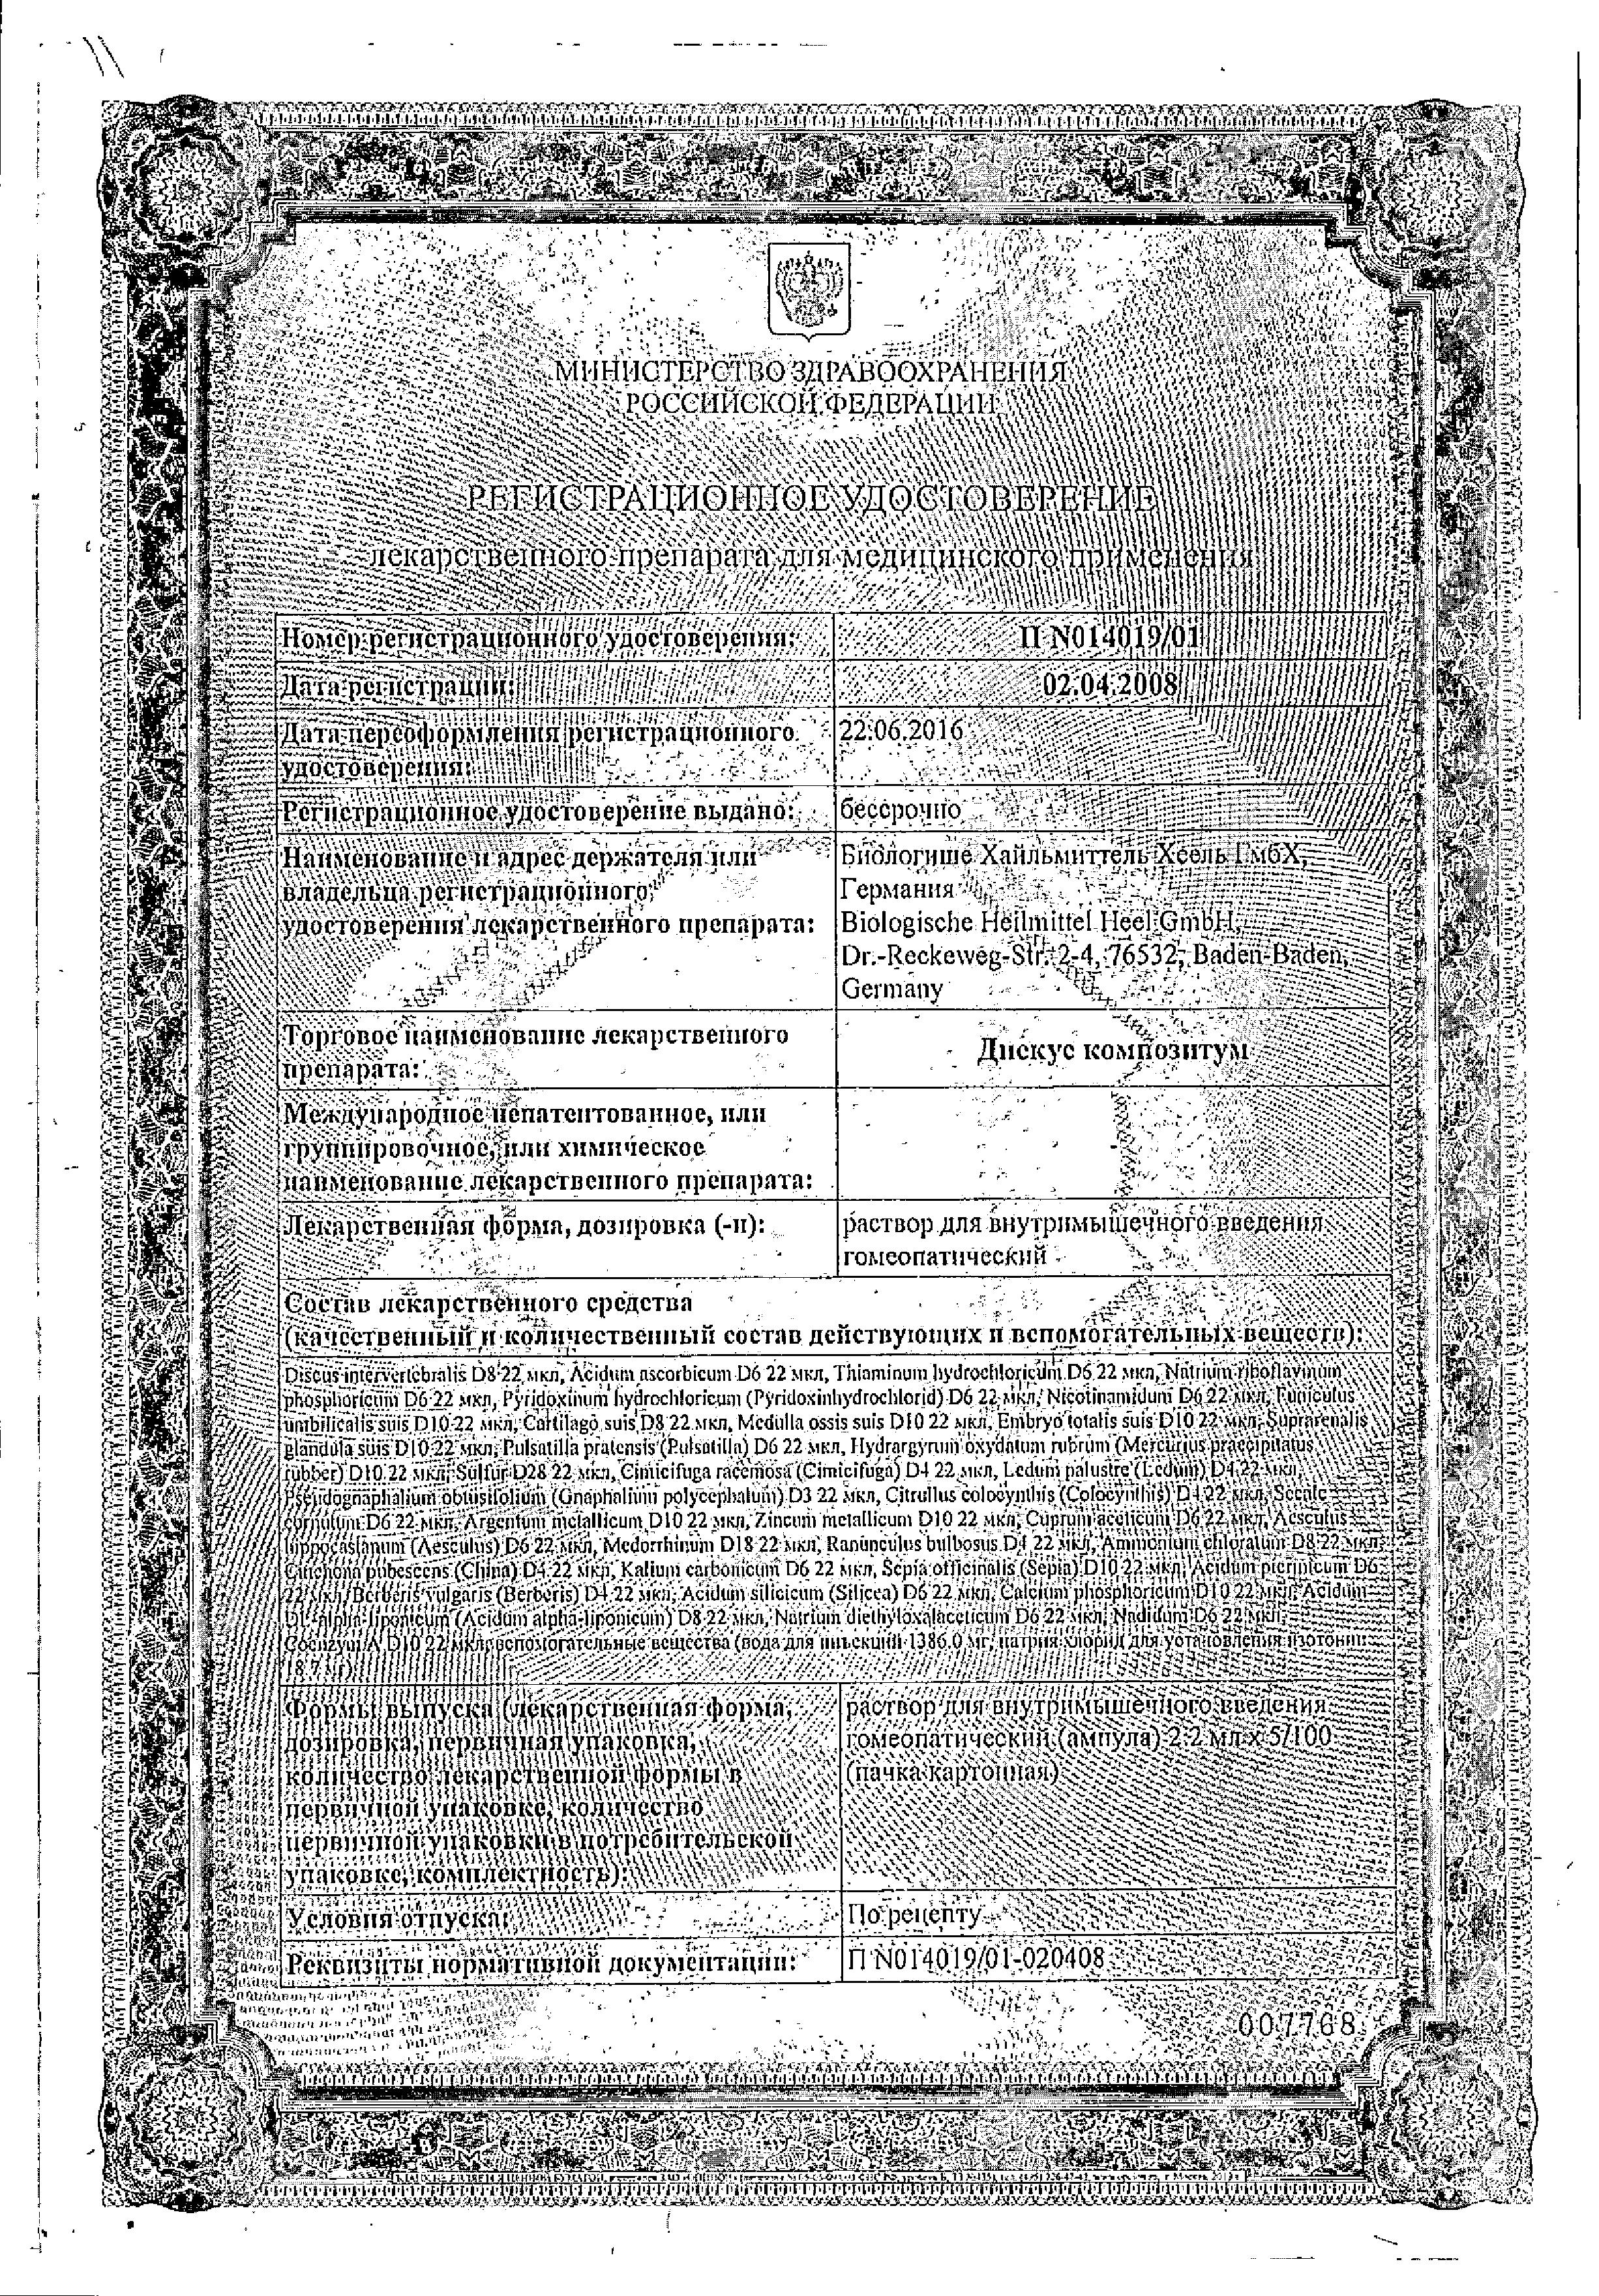 Дискус композитум сертификат